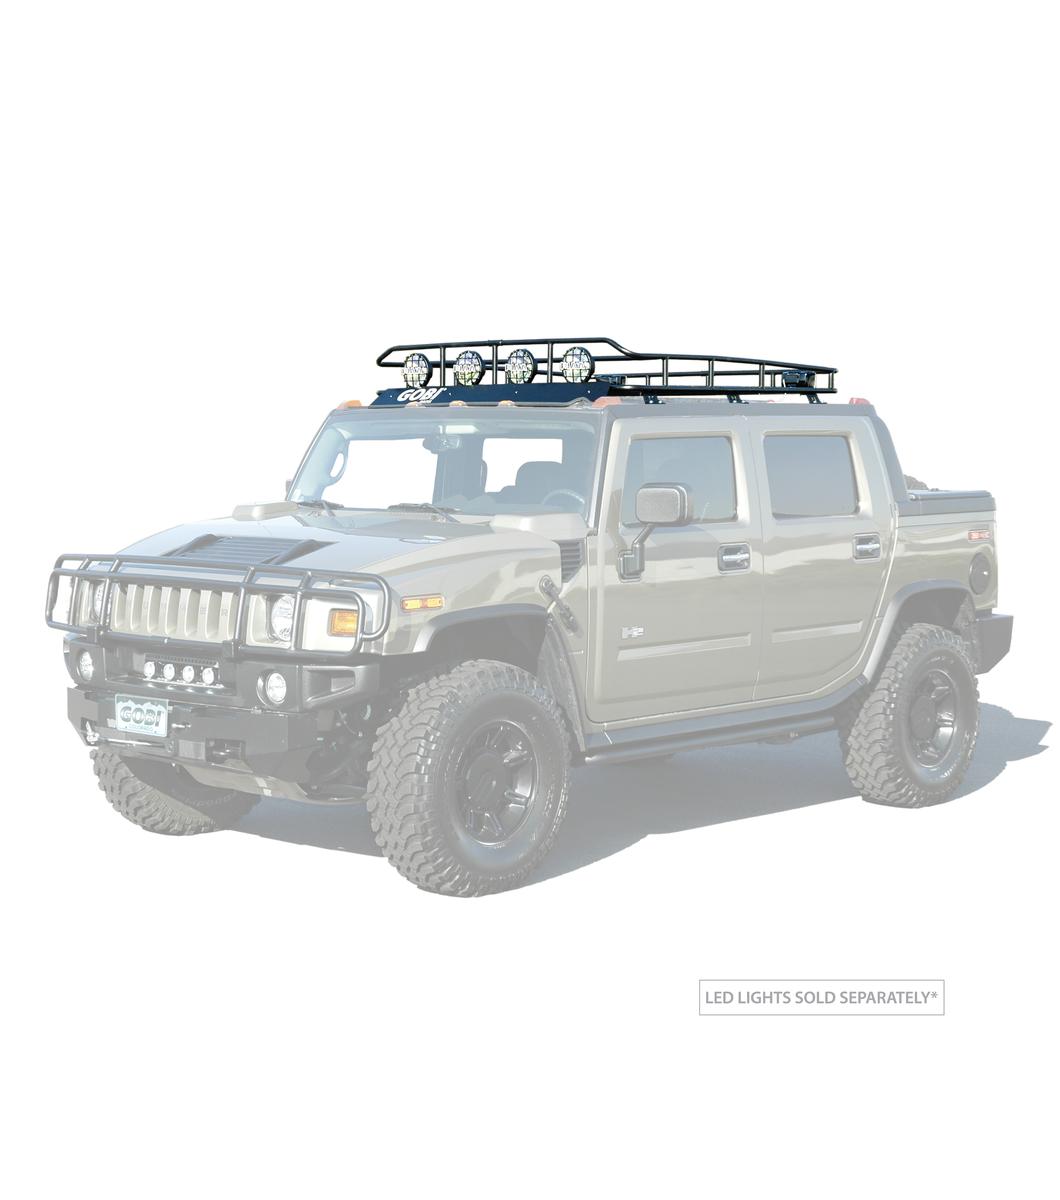 Gobi Hummer Sut Ranger Rack With Sunroof Multi Light Setup